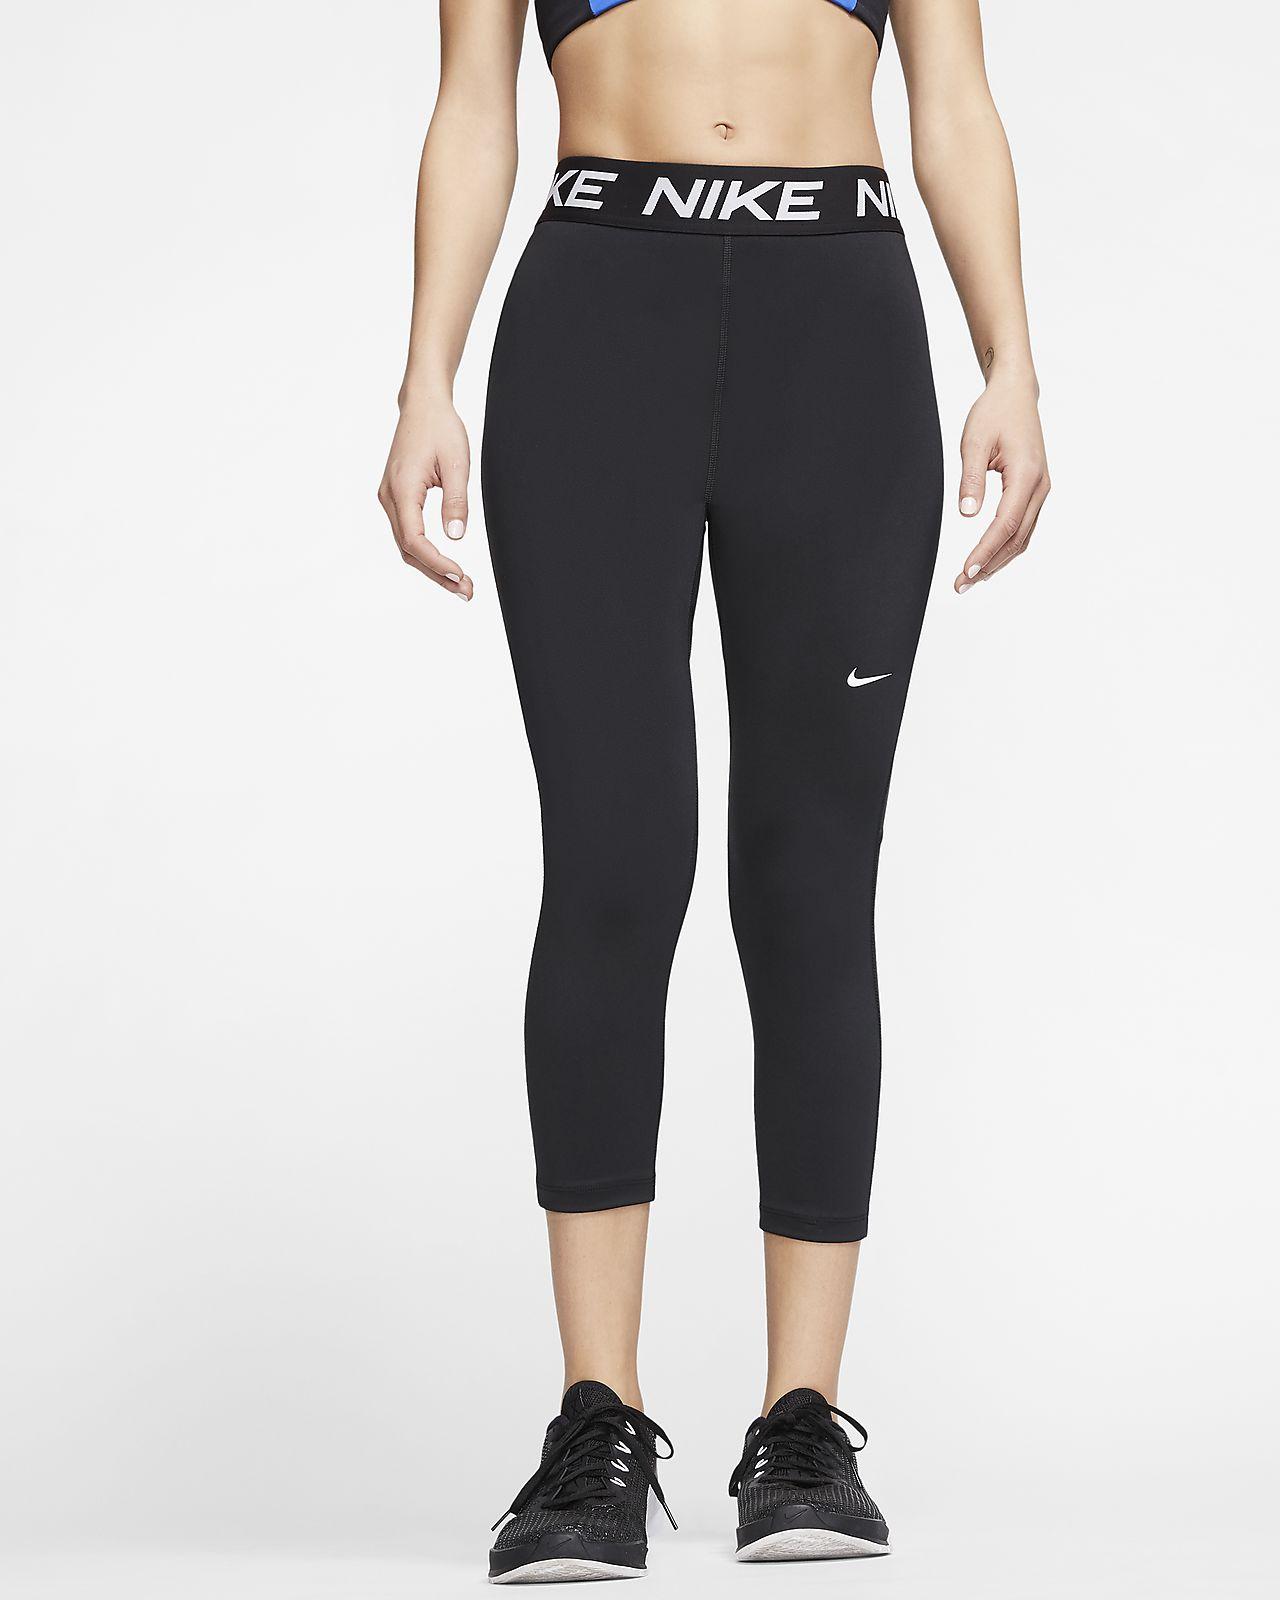 Nike Victory Mallas piratas de entrenamiento - Mujer